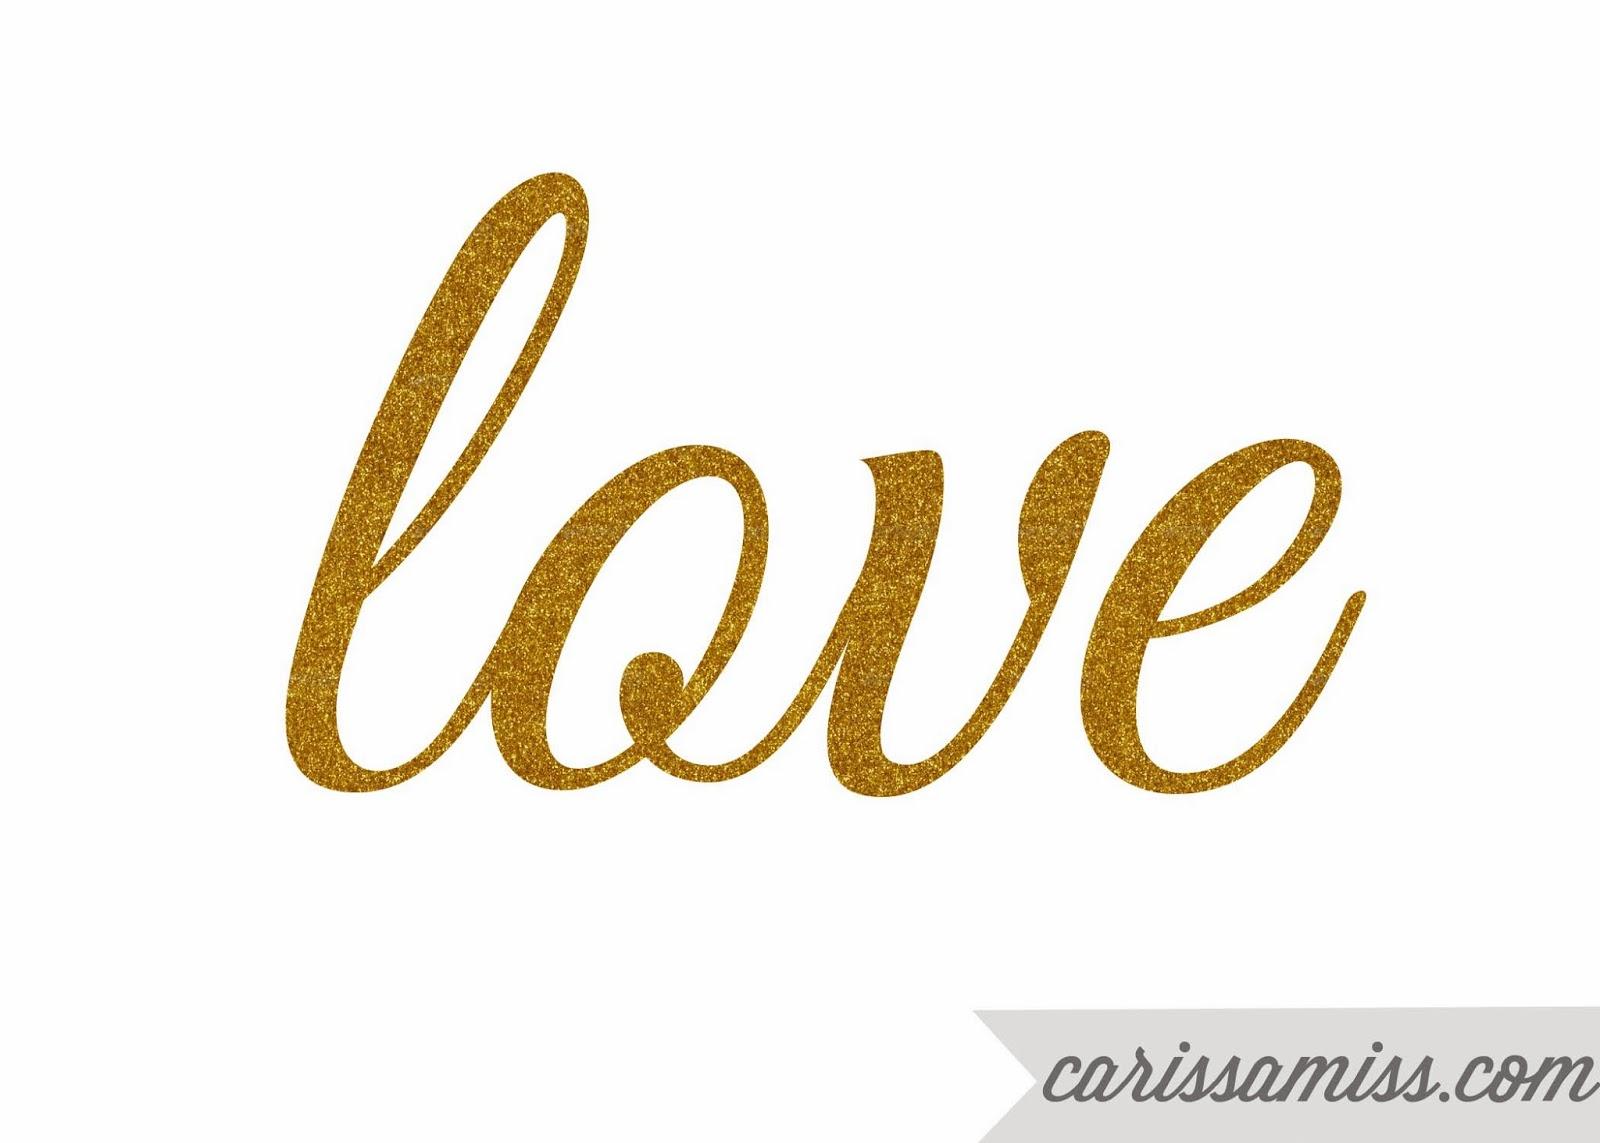 http://2.bp.blogspot.com/-x-wXCGv5R6U/UvlUlmGB4aI/AAAAAAAAddw/Dw_5MUmjYi8/s1600/glitter+love.jpg